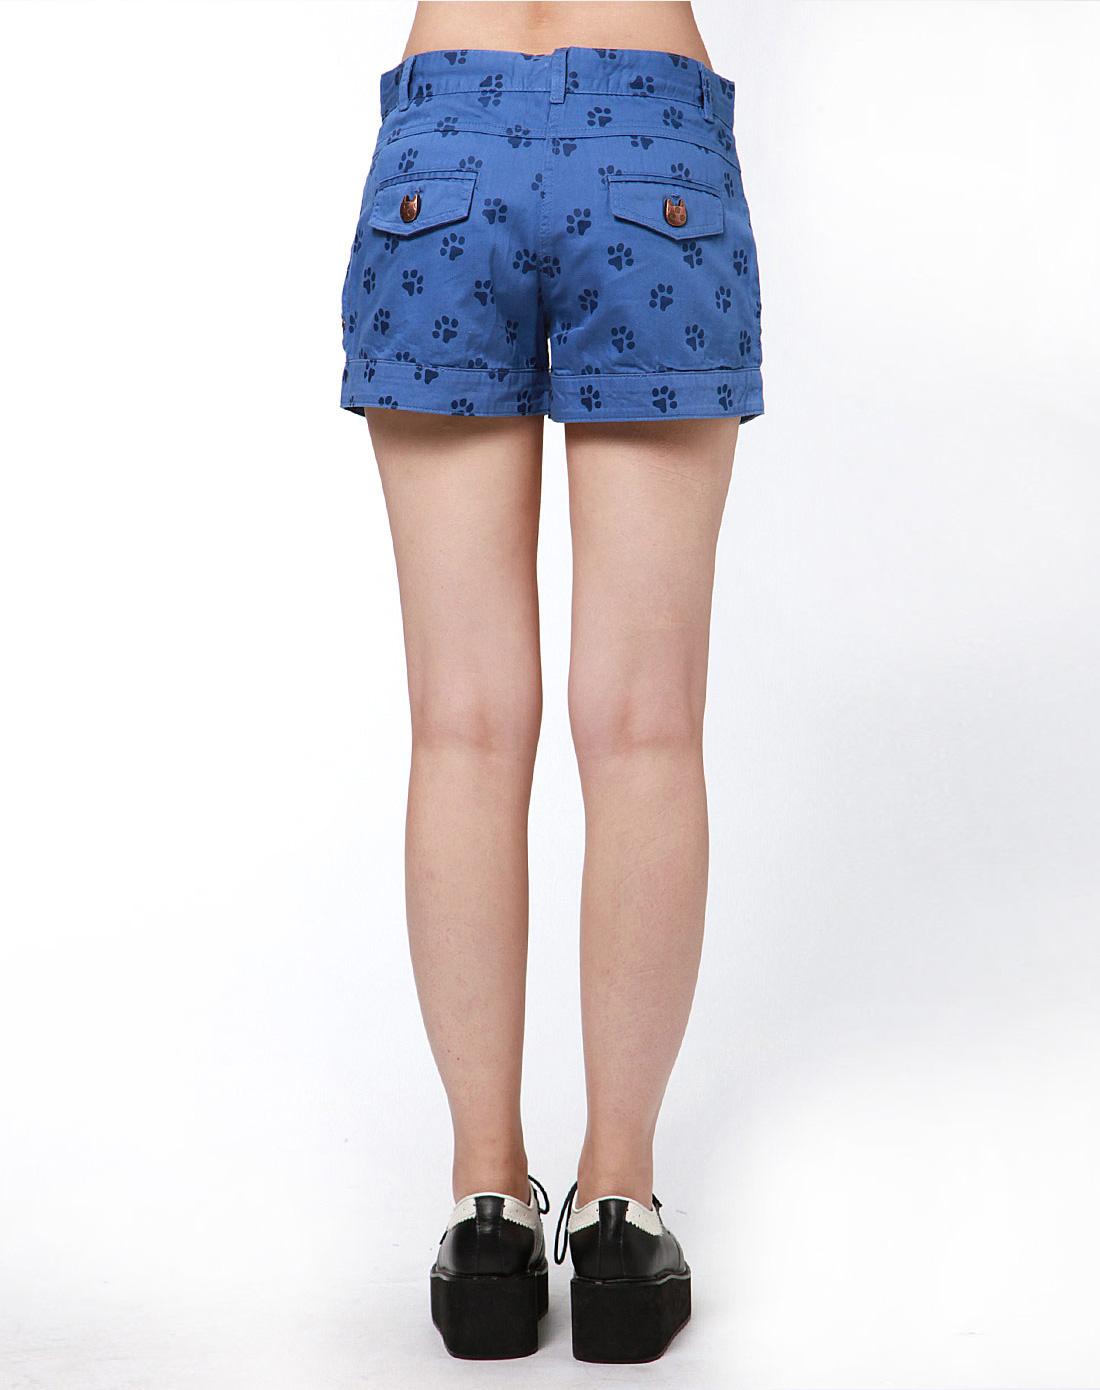 蓝色可爱动物爪印休闲短裤